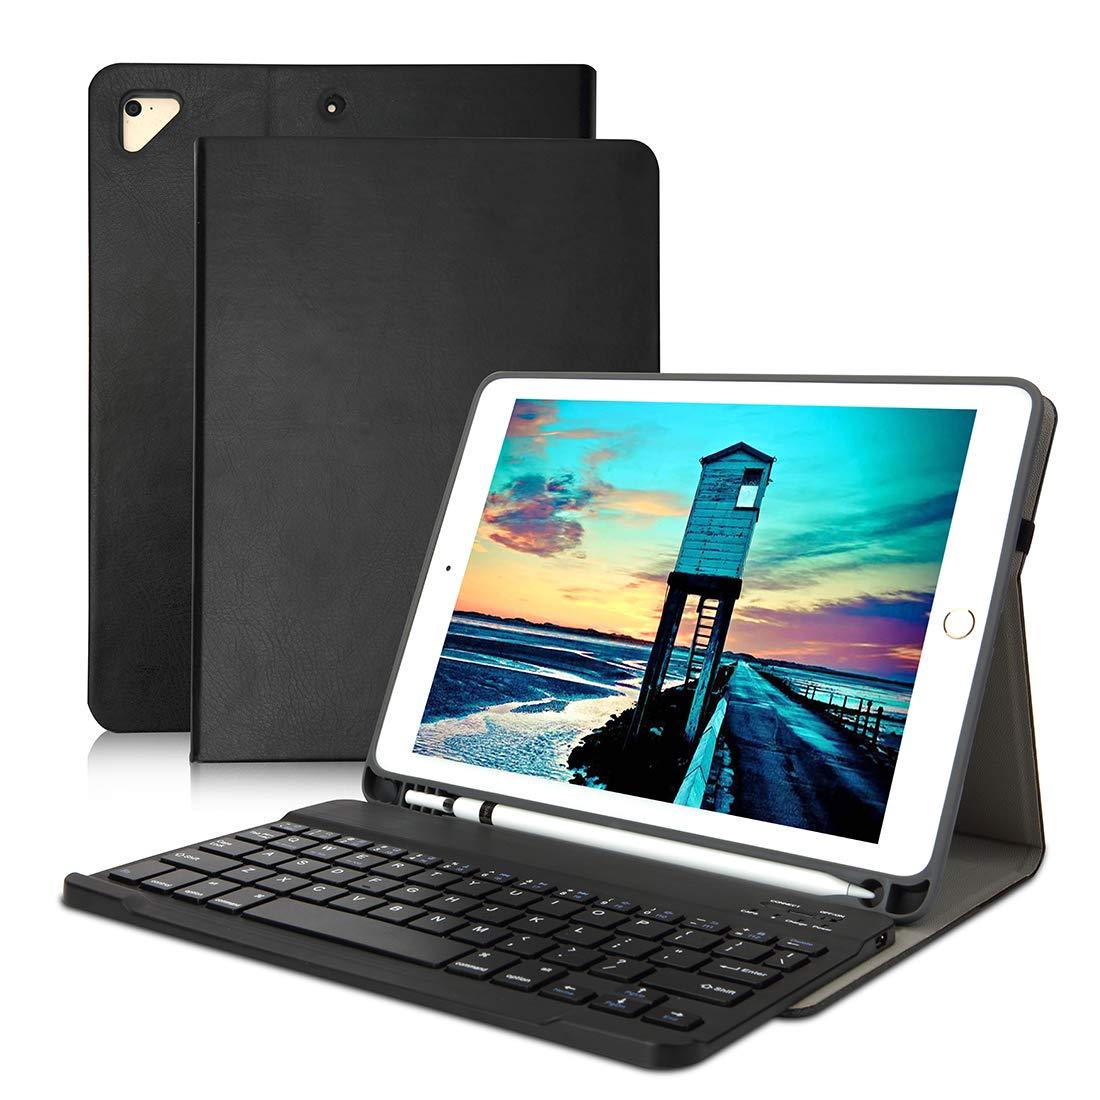 【5%OFF】 iPad キーボードケース 9.7 iPad ペンシルホルダー付き iPad iPad 2018 iPad (第6世代) iPad 2017 (第5世代) iPad Pro 9.7 iPad Air 2&1 iPad 第6世代 取り外し可能なワイヤレスBluetoothキーボードケース 自動ウェイク/スリープ機能付き(ブラック) B07PXKDTRV, ベビーキッズ雑貨 ミルティ:a8c7aabb --- sabinosports.com